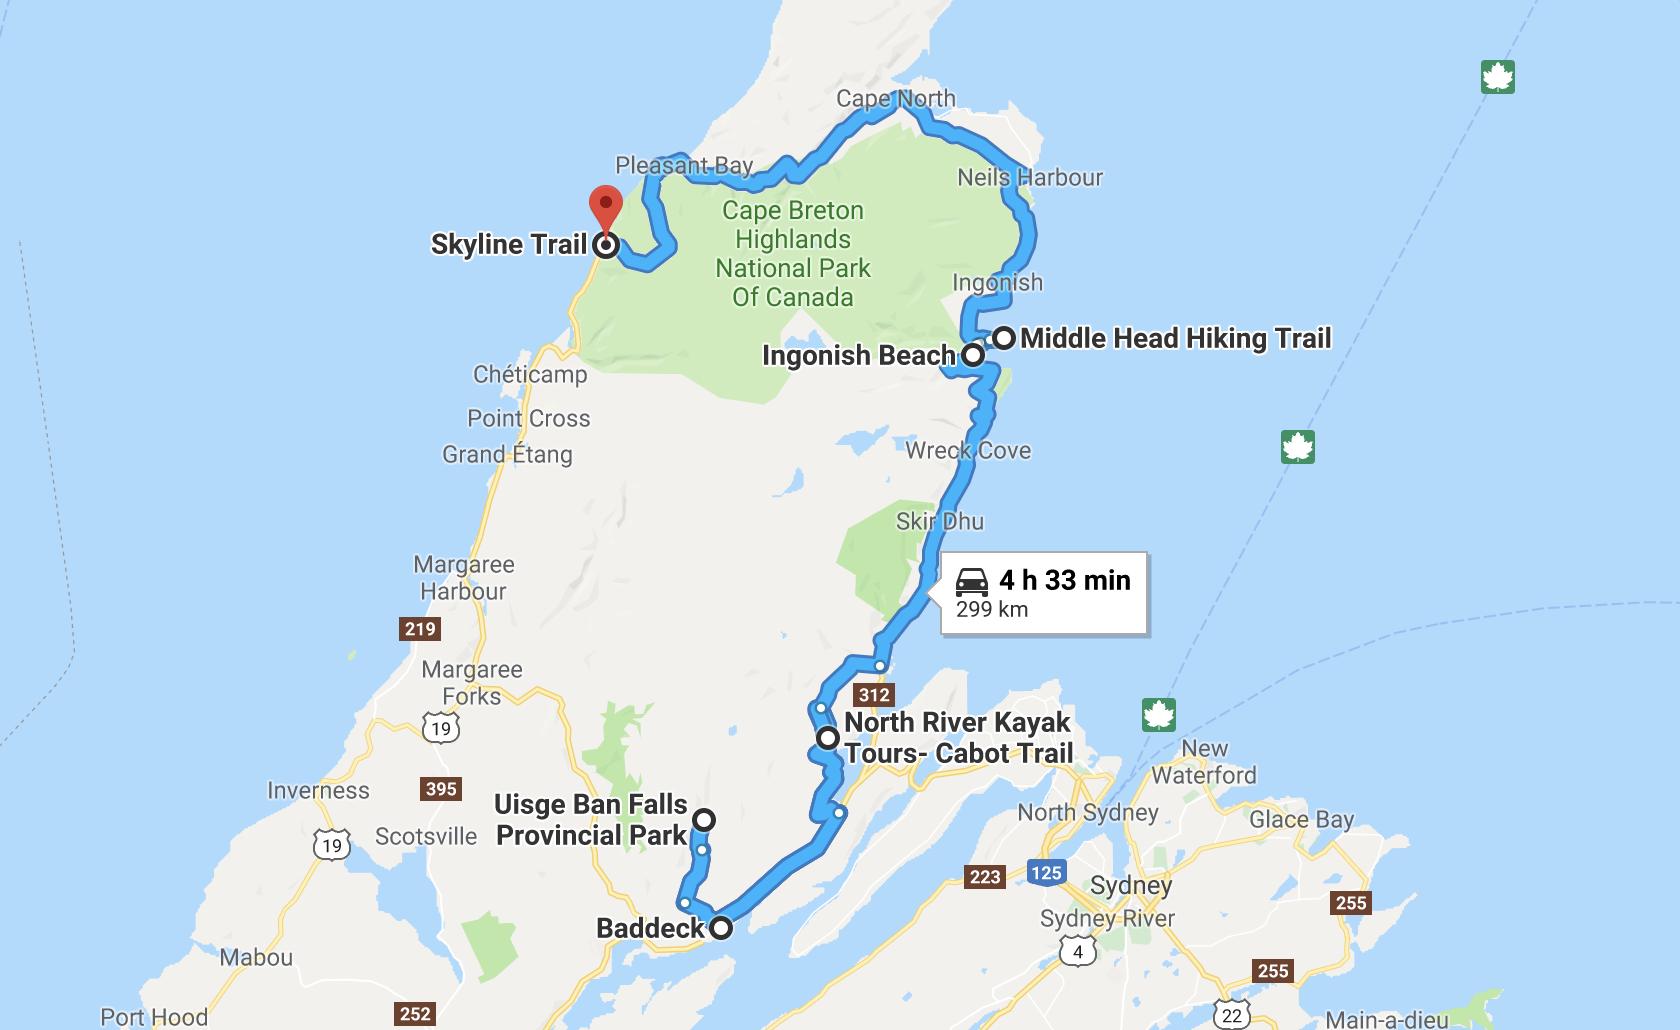 путешествие по каботажному судну Новая Шотландия Новая Шотландия Чем заняться в Новой Шотландии? things to do in nova scotia cabot trail